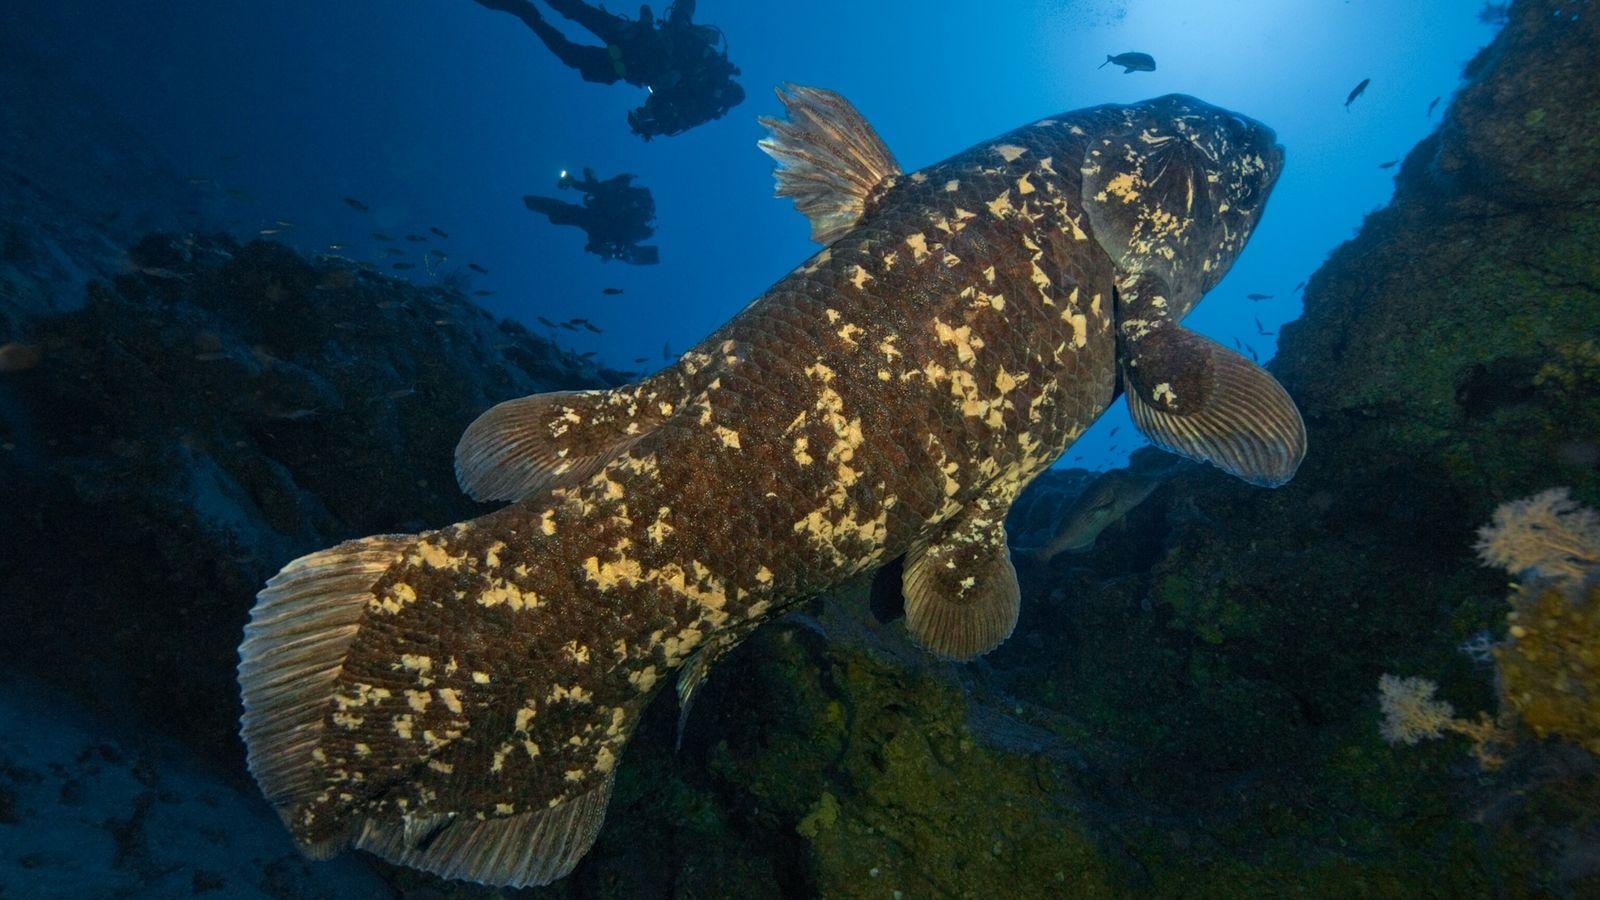 Un celacanto nada en la bahía de Sodwana, en Sudáfrica